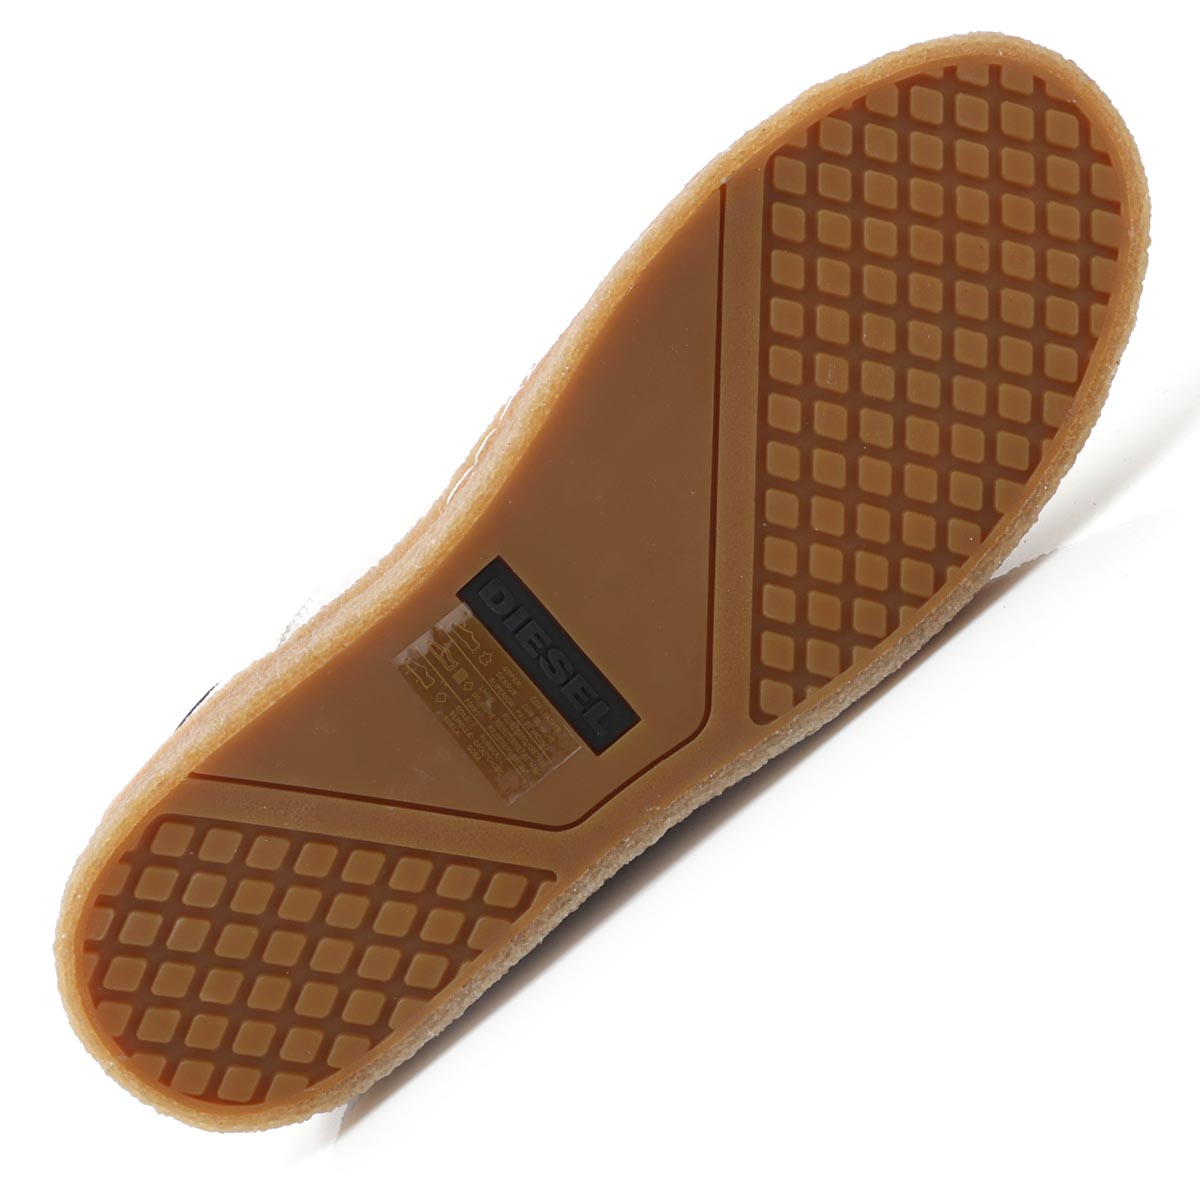 アウトレット ディーゼル DIESEL スニーカー ホワイト メンズ シューズ 靴 カジュアル s clever par y02044 p2597 h6792 S CLEVER PAR LOW あす楽対応 関東返品送料無料ラッピング無料vNn0Om8w